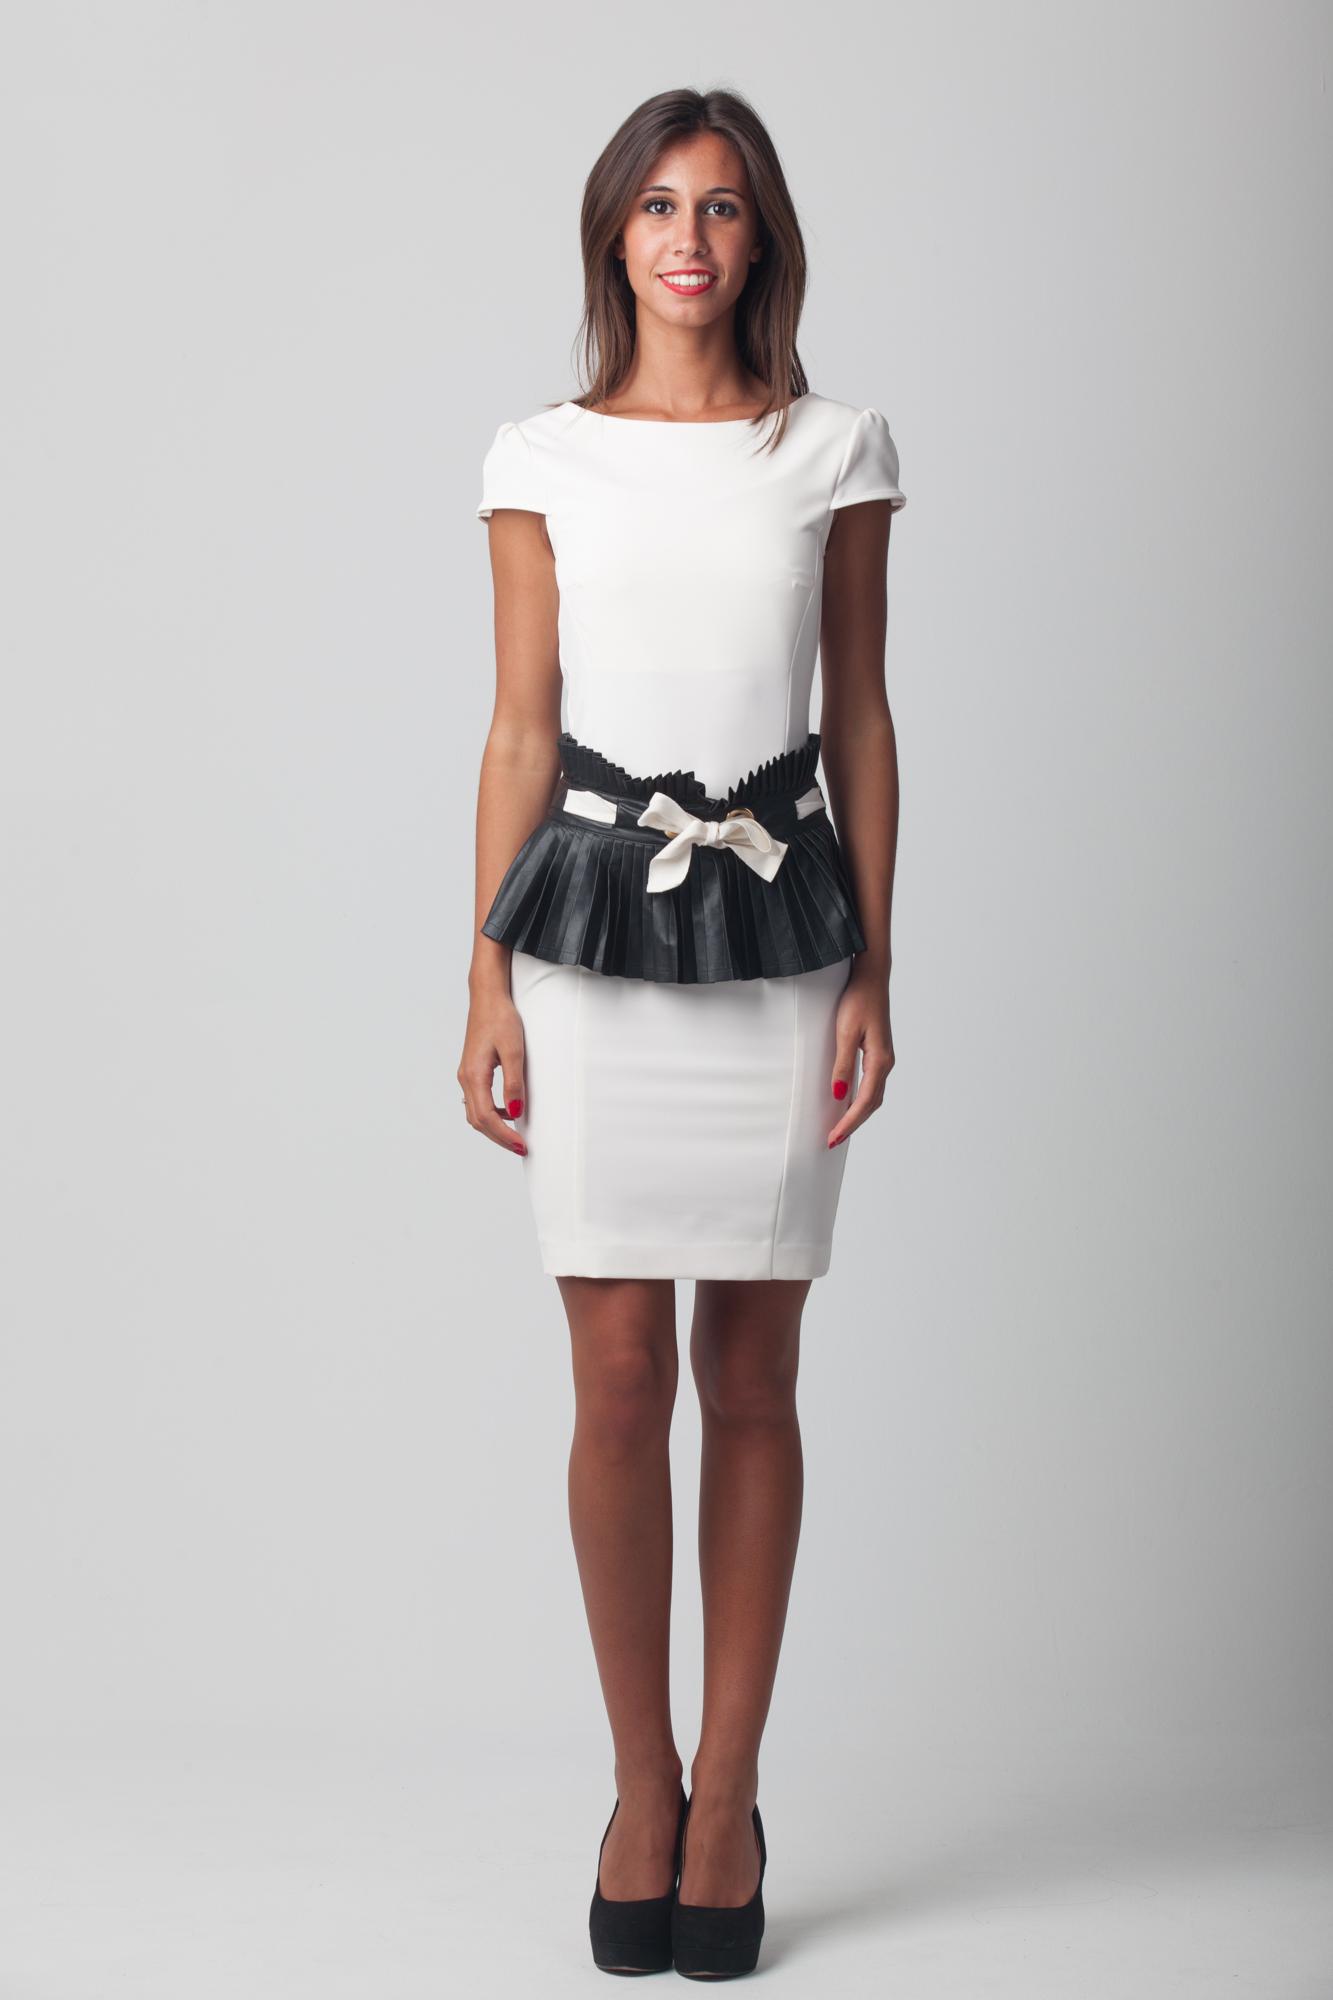 75e44d034725 Vestido corto blanco entallado con cinturón ancho plisado de Eureka